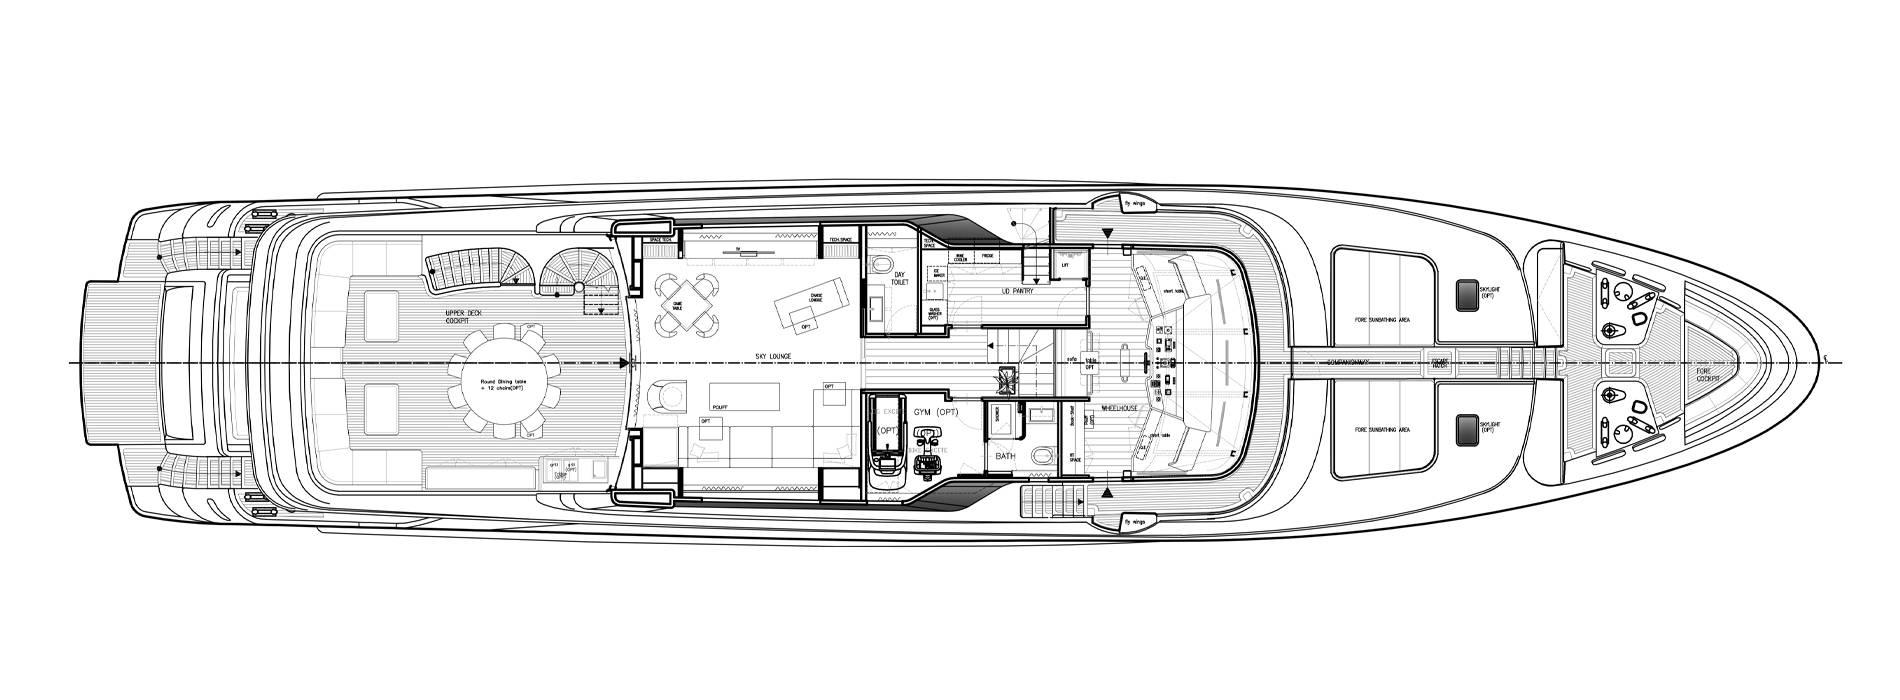 Sanlorenzo Yachts SD122-27 under offer Oberdeck